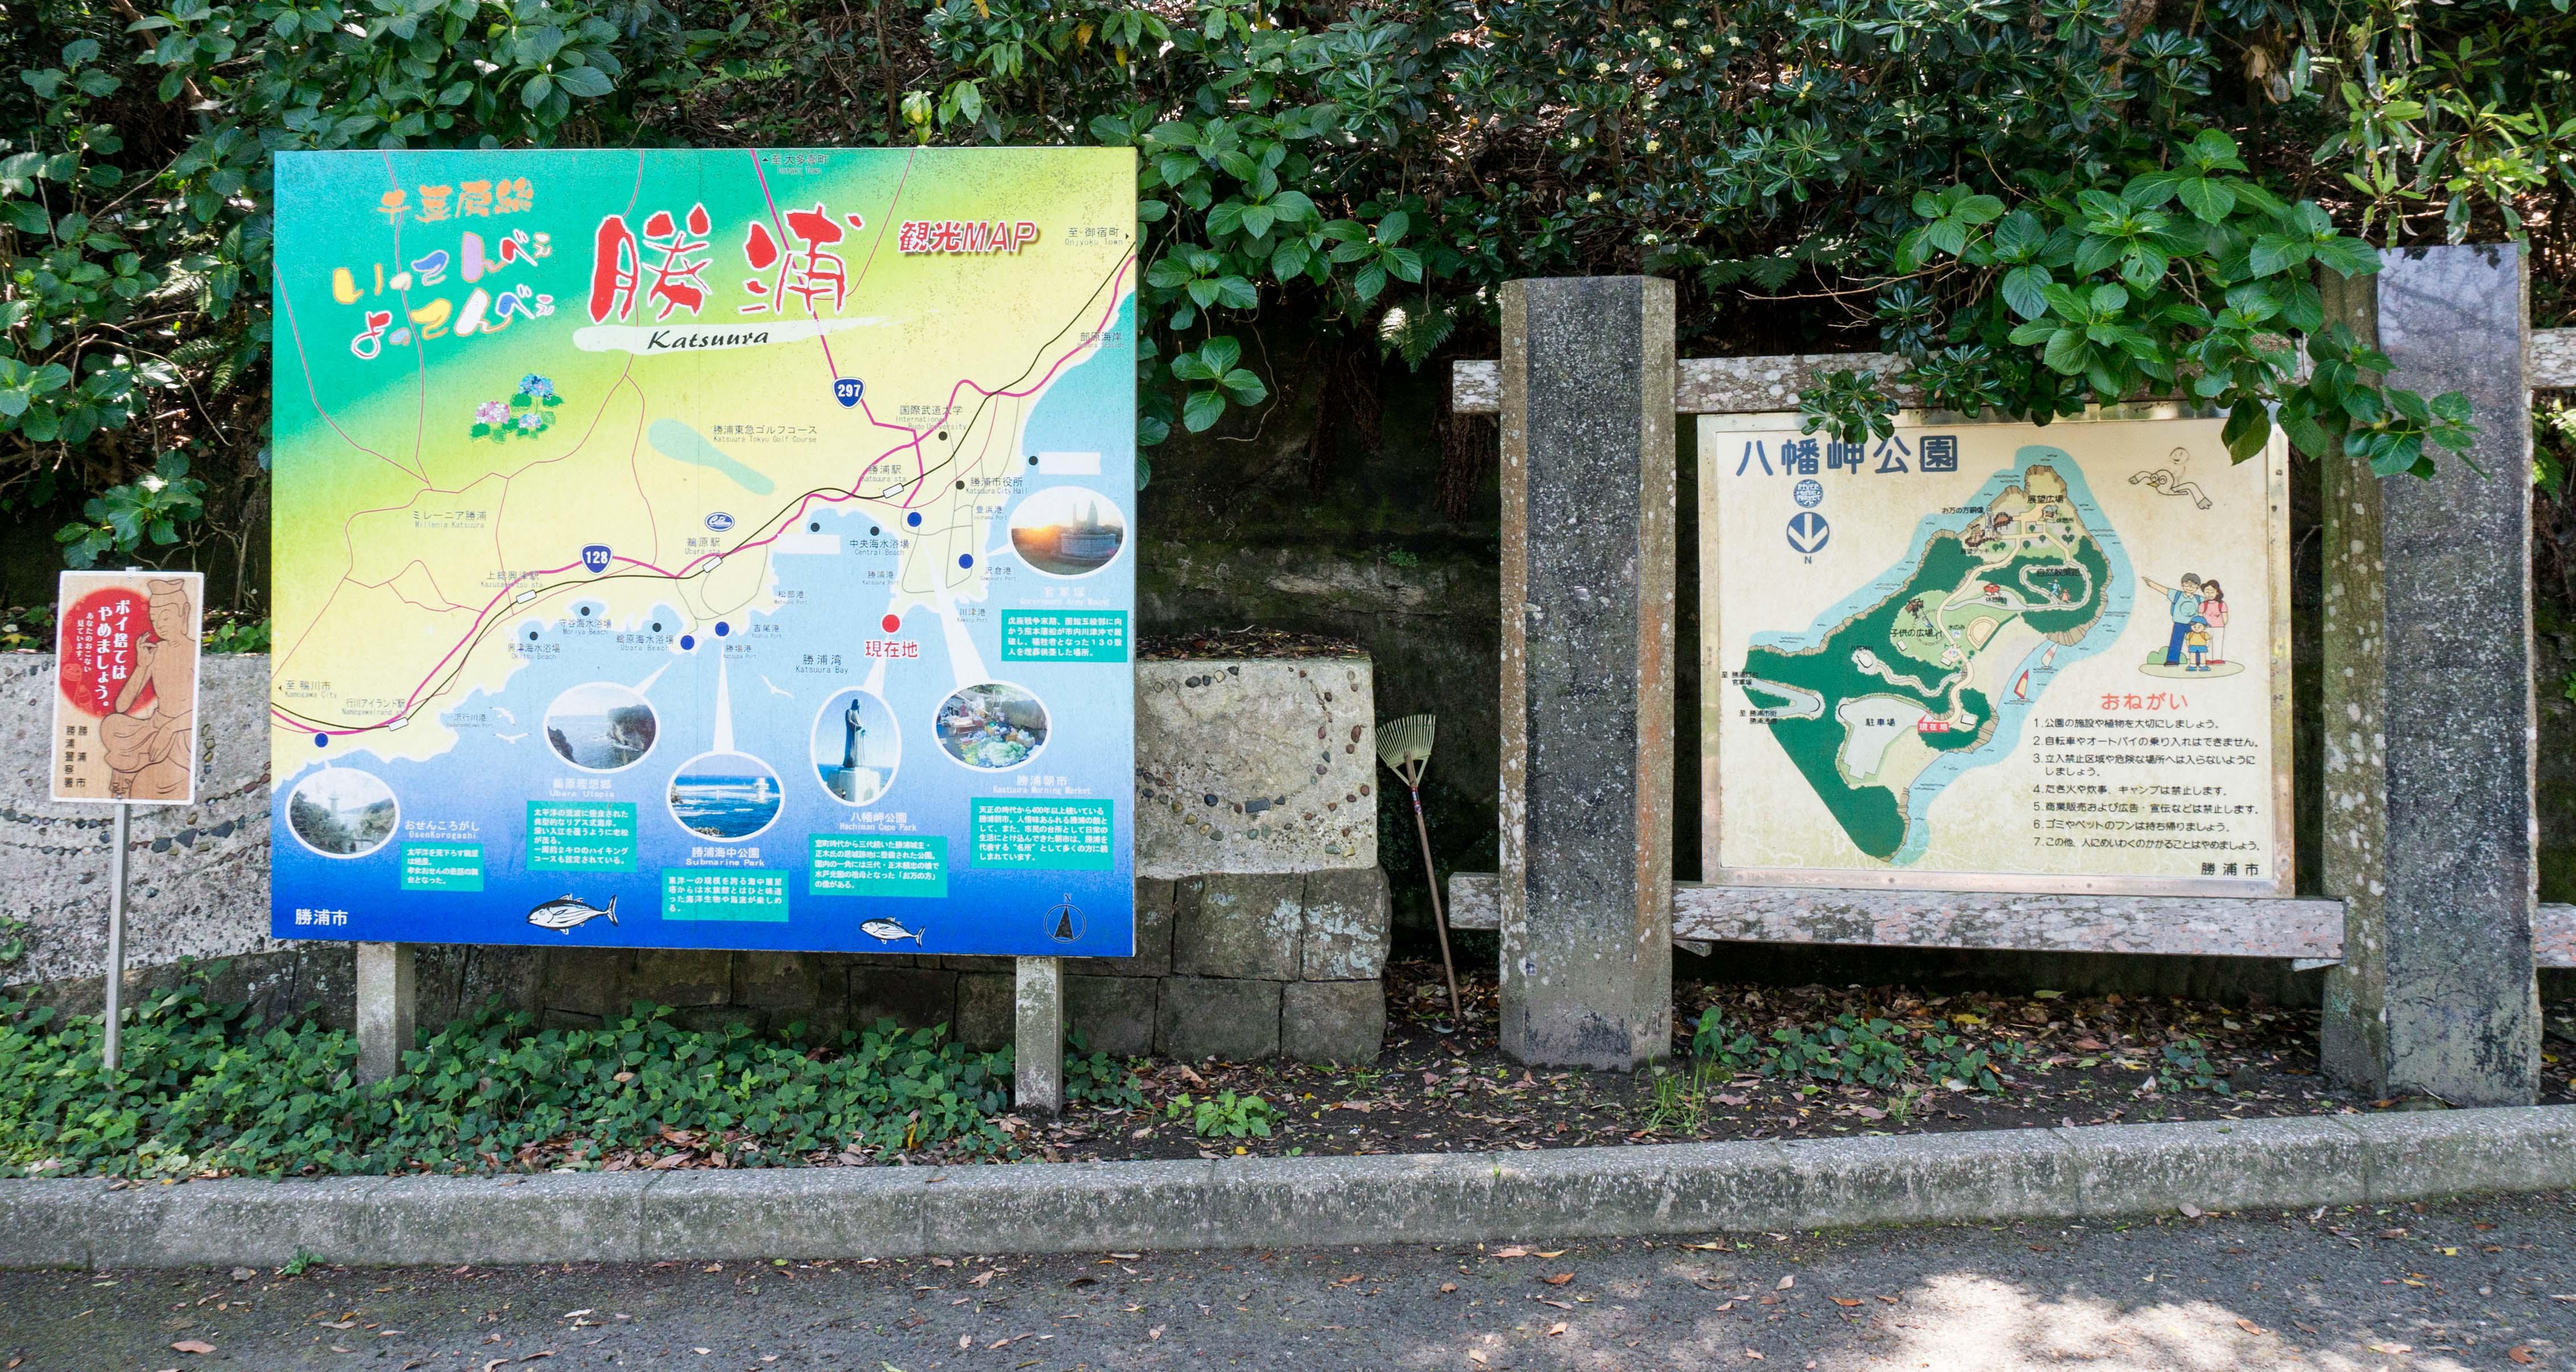 勝浦八幡岬の観光案内看板